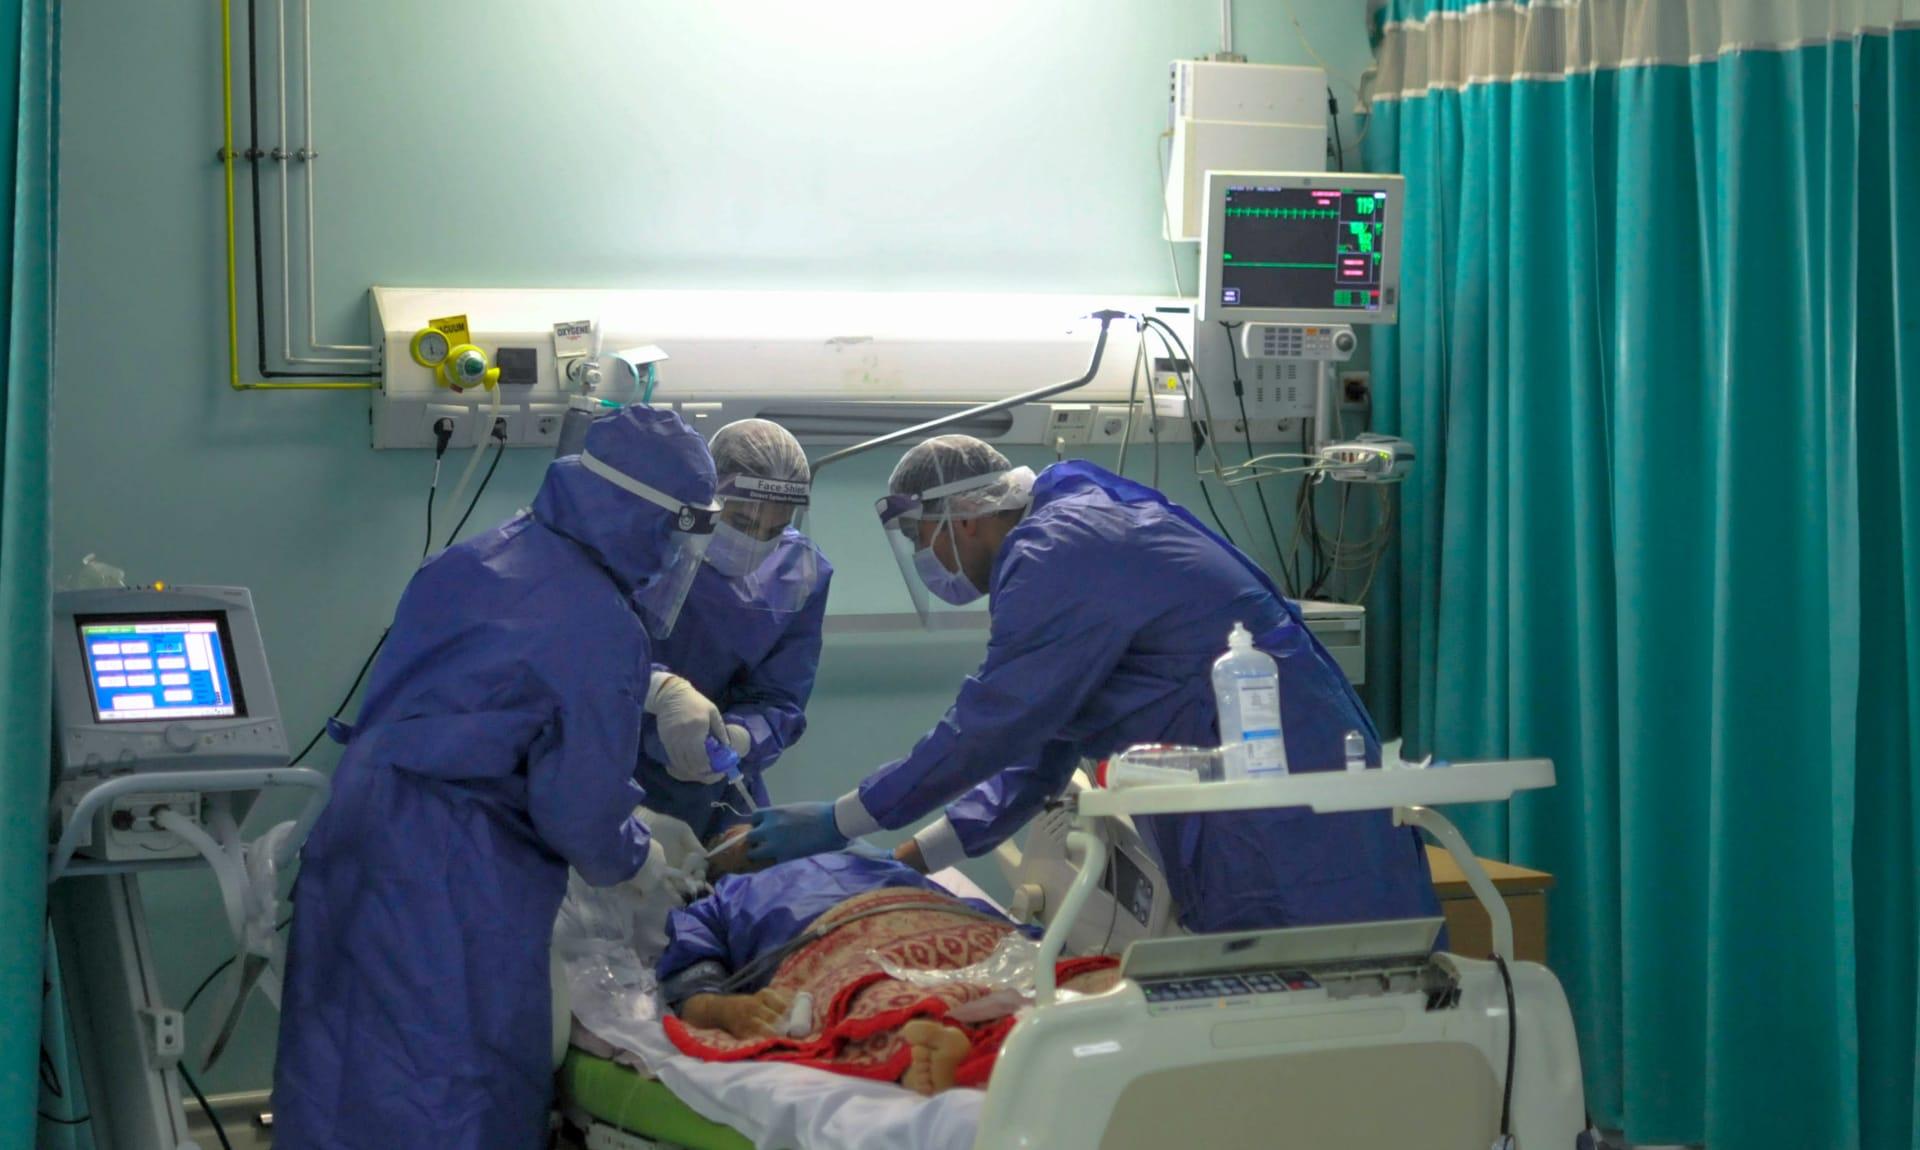 صورة ارشيفية من داخل مركز حجر صحي بمستشفى في مصر